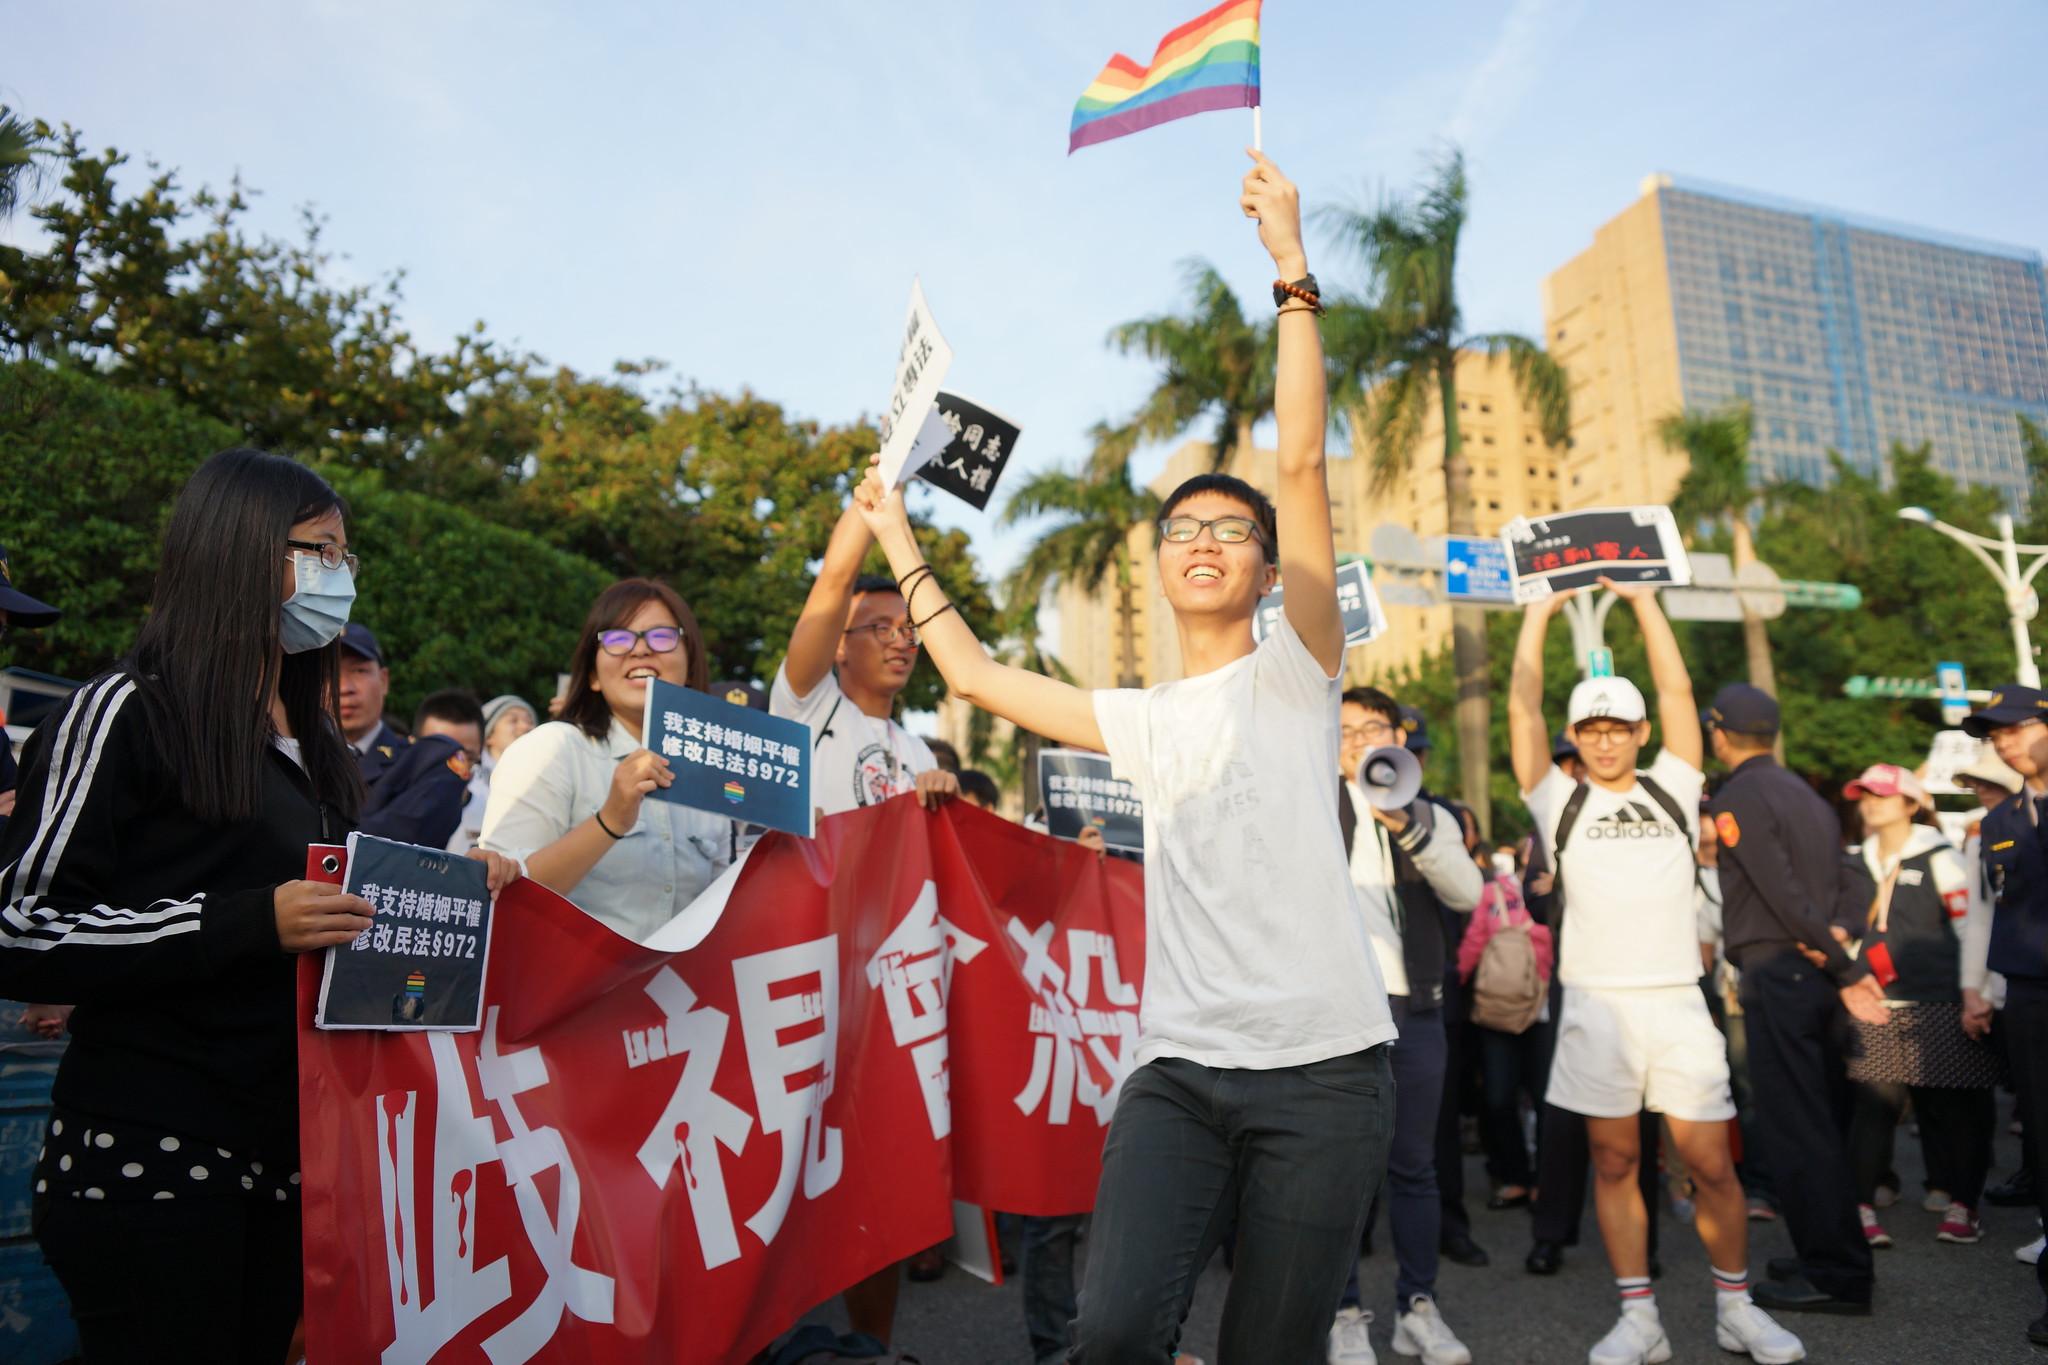 「婚姻平權小蜜蜂」在現場帶動民眾舞動,高唱同志也是一家人。(攝影:王顥中)